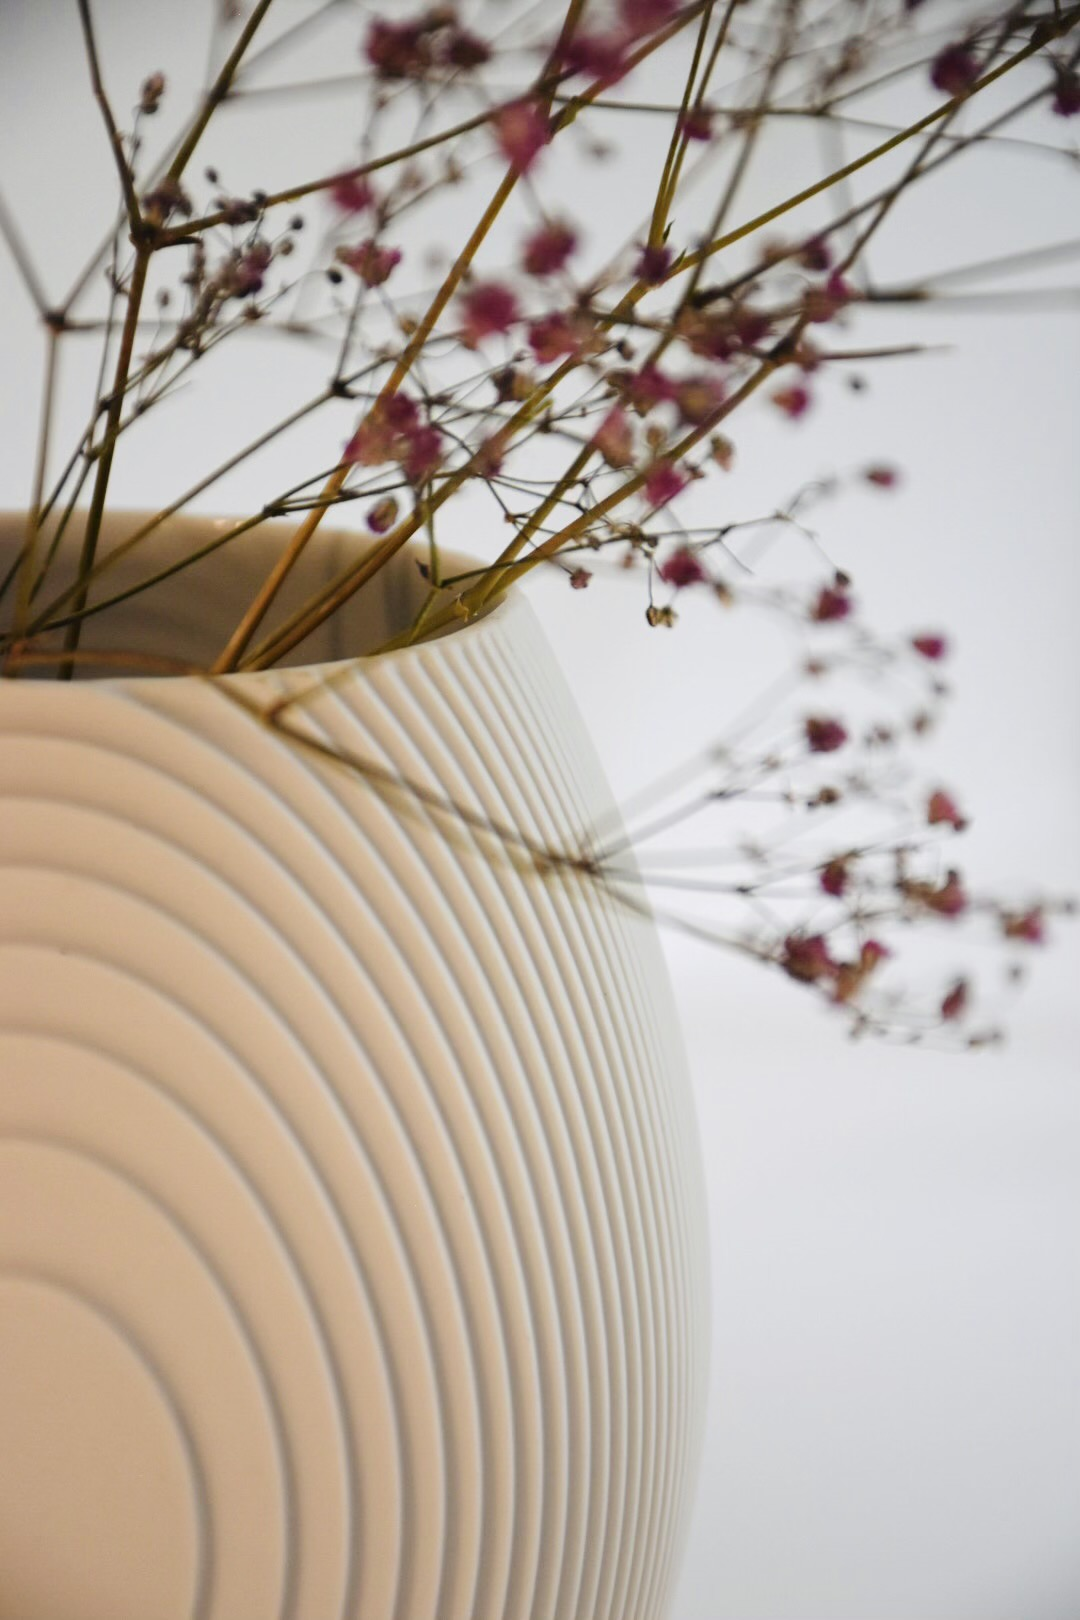 Architectmade-Flow-Bubble-Porcelain-Denmark-Vibeke-Rytter